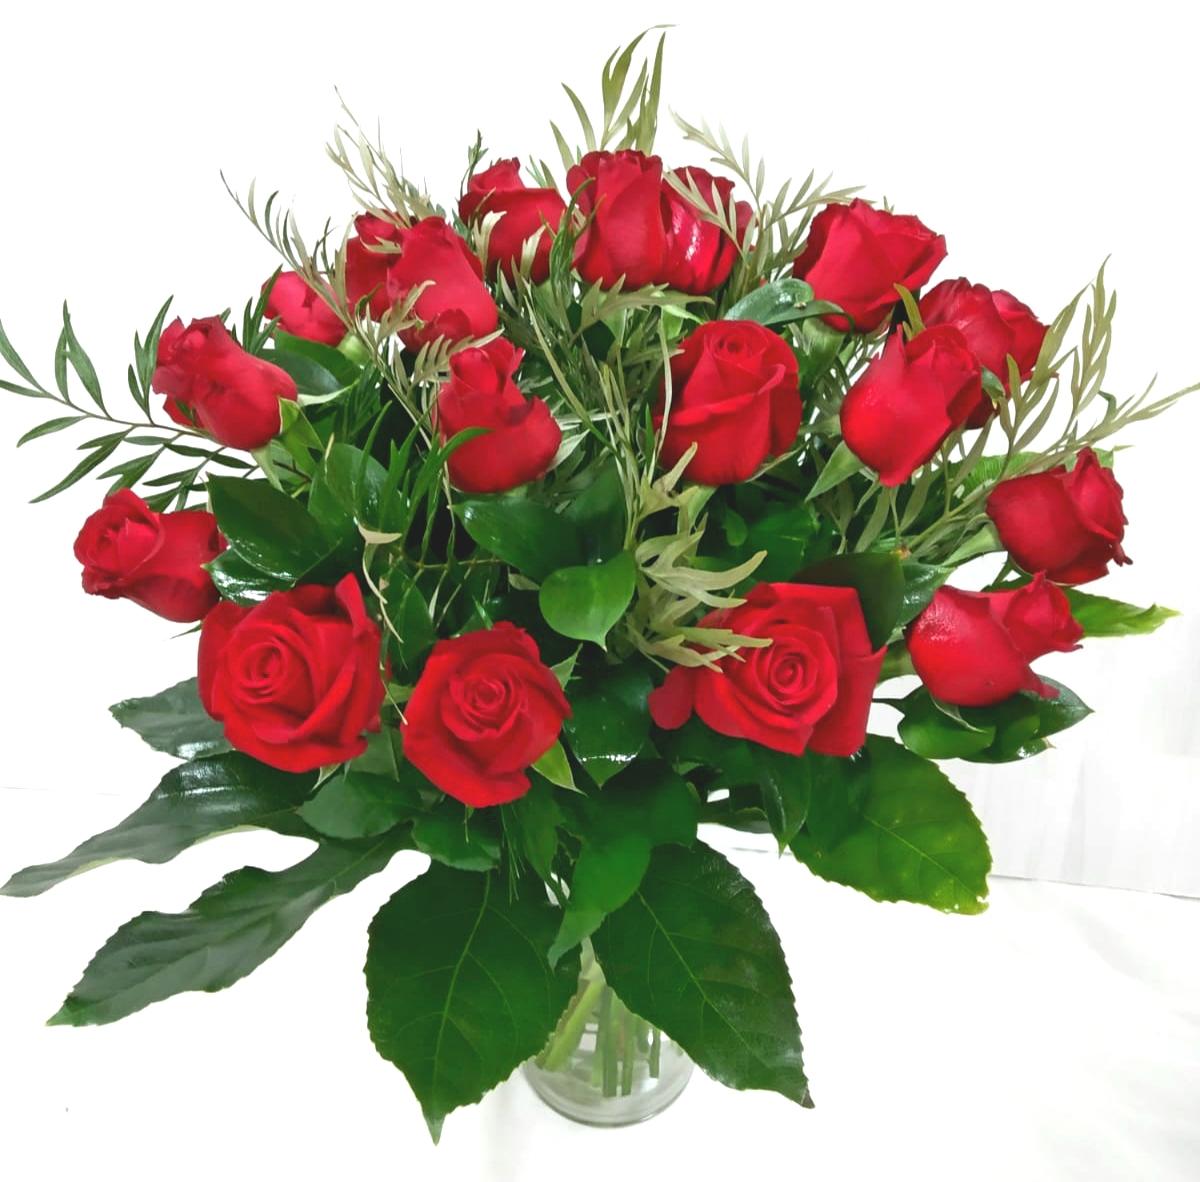 נשיקה אדומה - תלתן פרחים - צפת